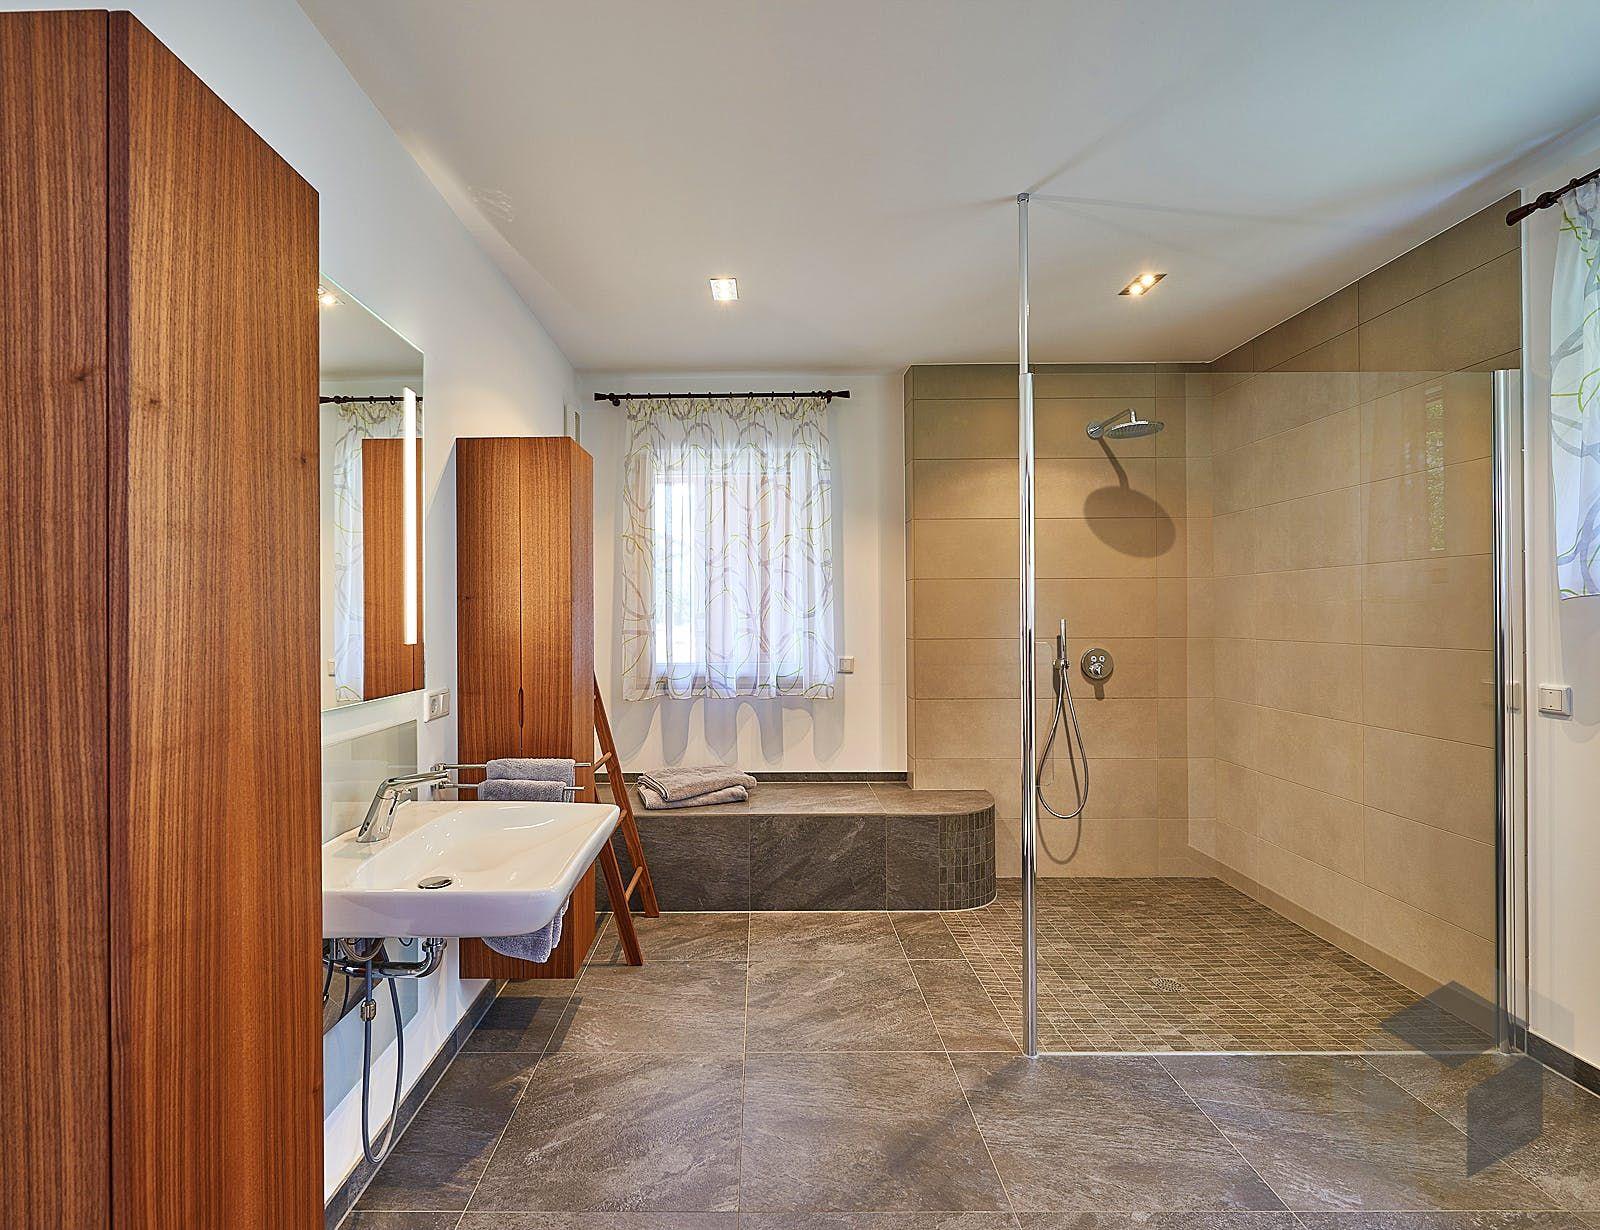 Rollstuhlgerechtes Bad Modern Eingerichtet In 2020 Haus Barrierefreies Wohnen Ideales Haus